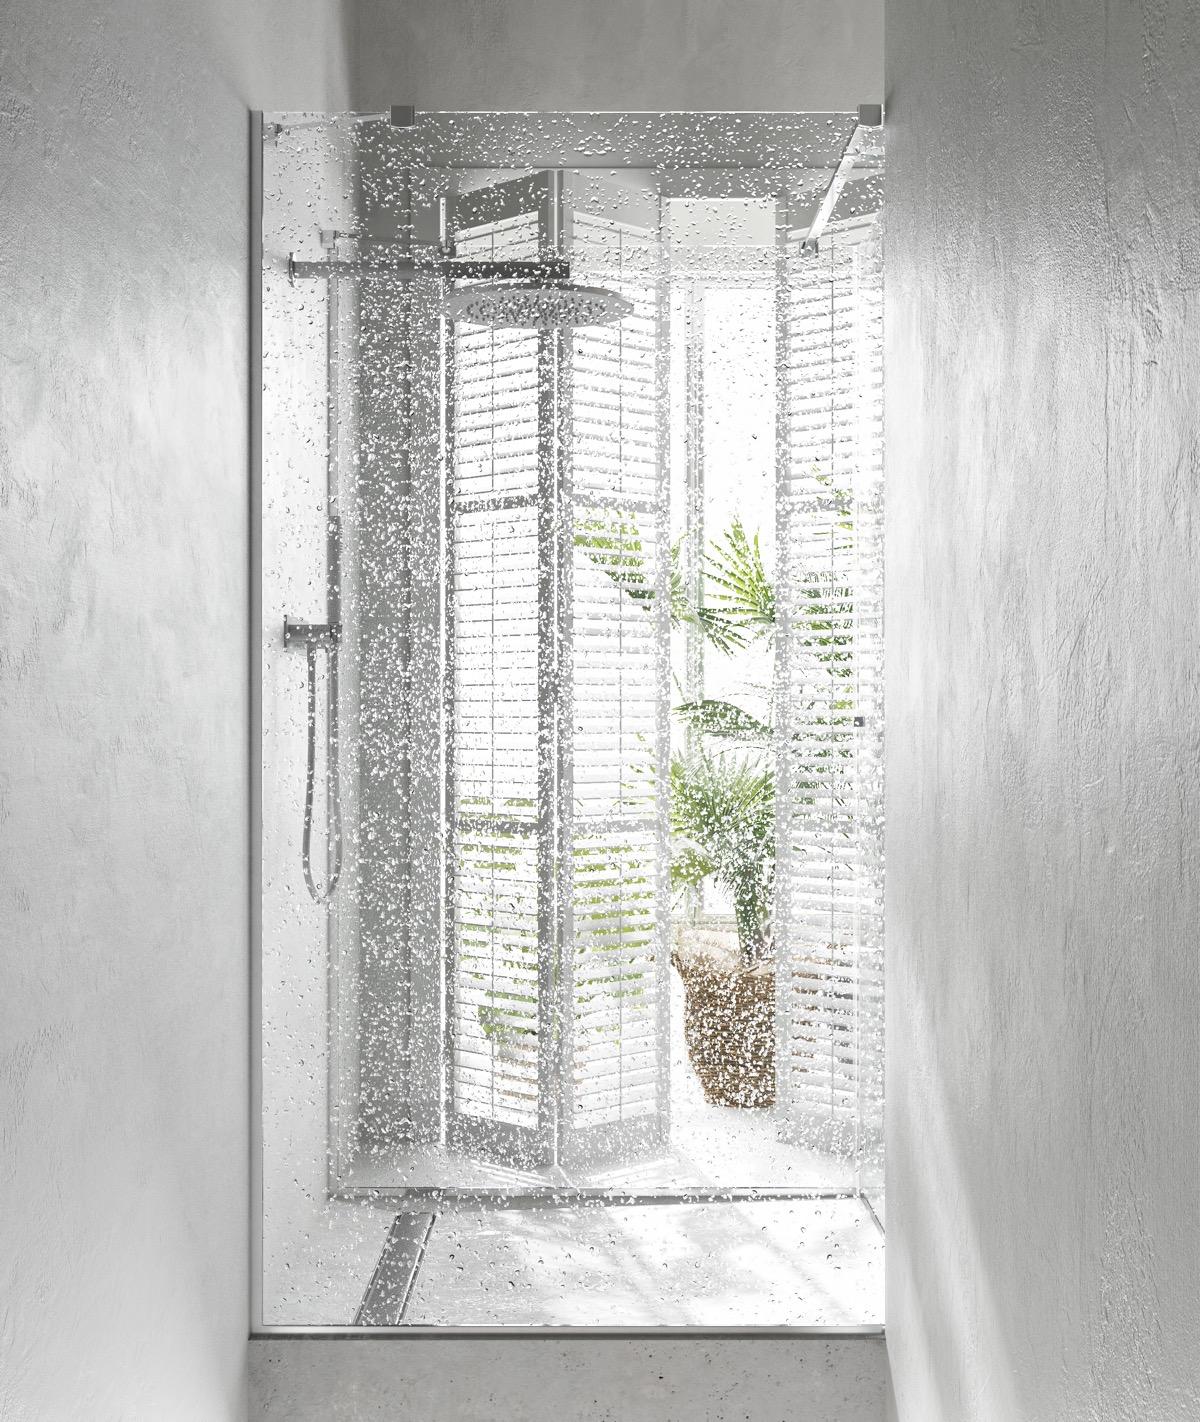 Как выглядит этнический стиль: Фотообзор стильного пространства с нотками деревенского стиля